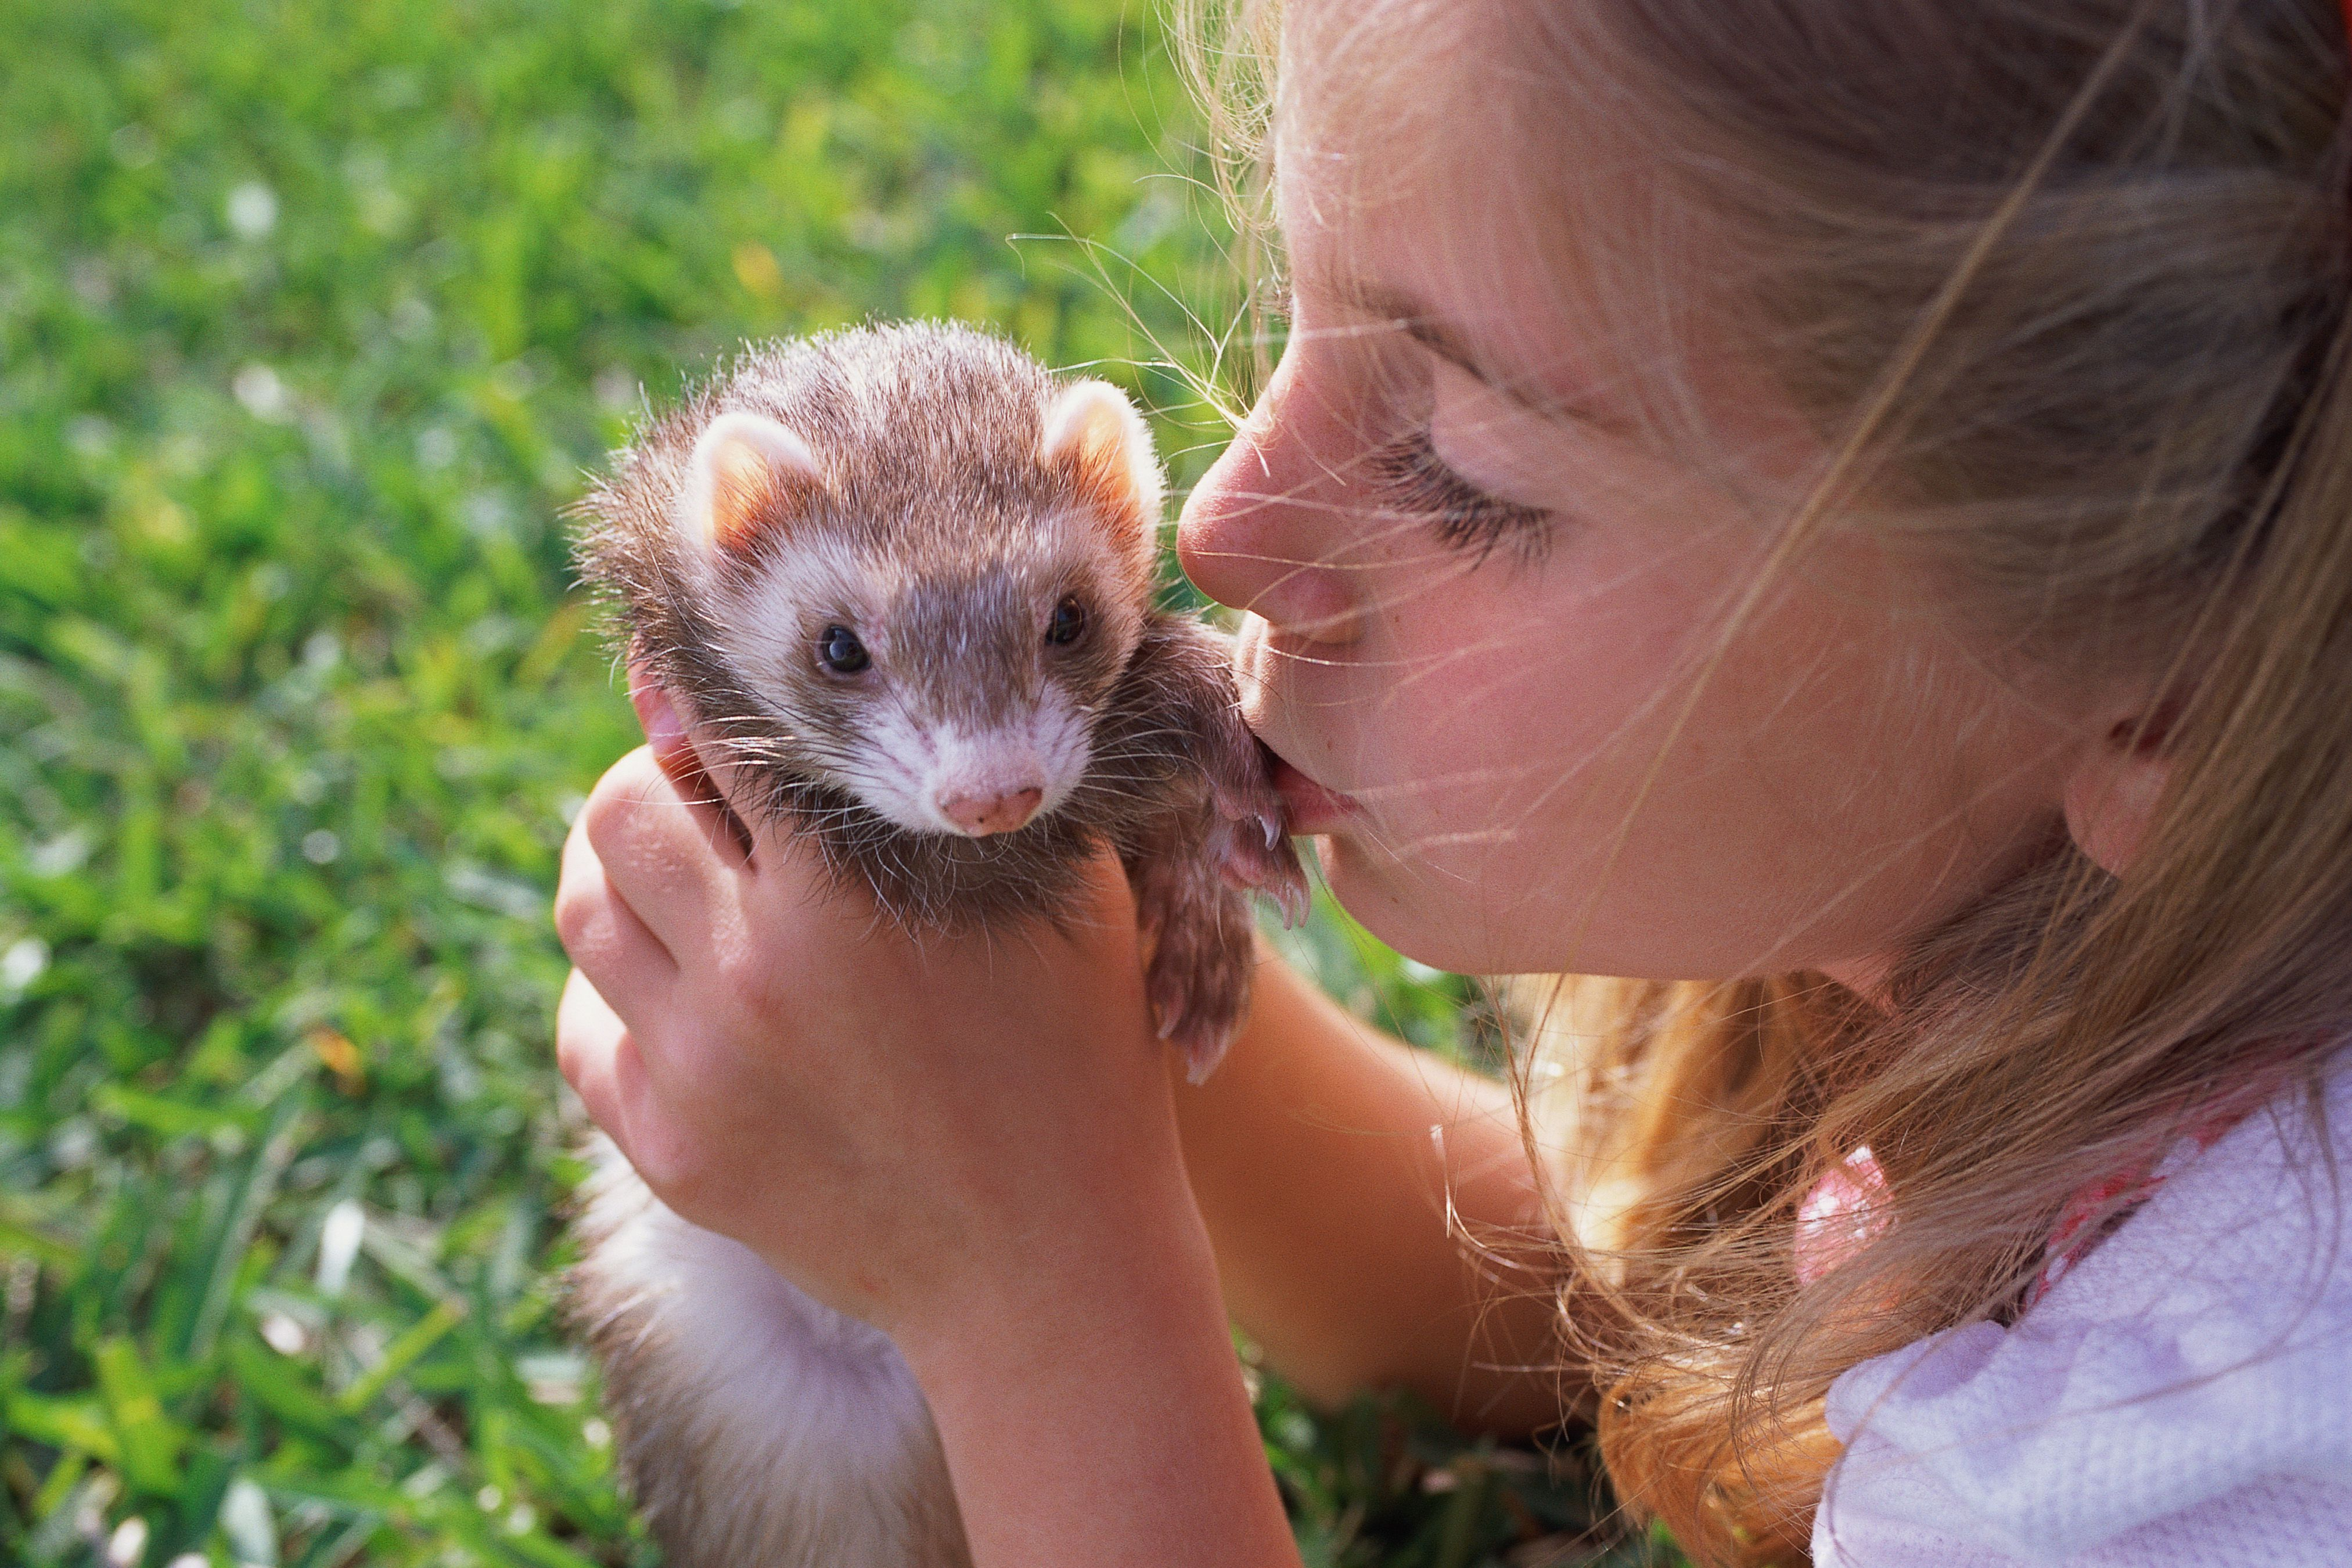 Girl kissing ferret affectionately